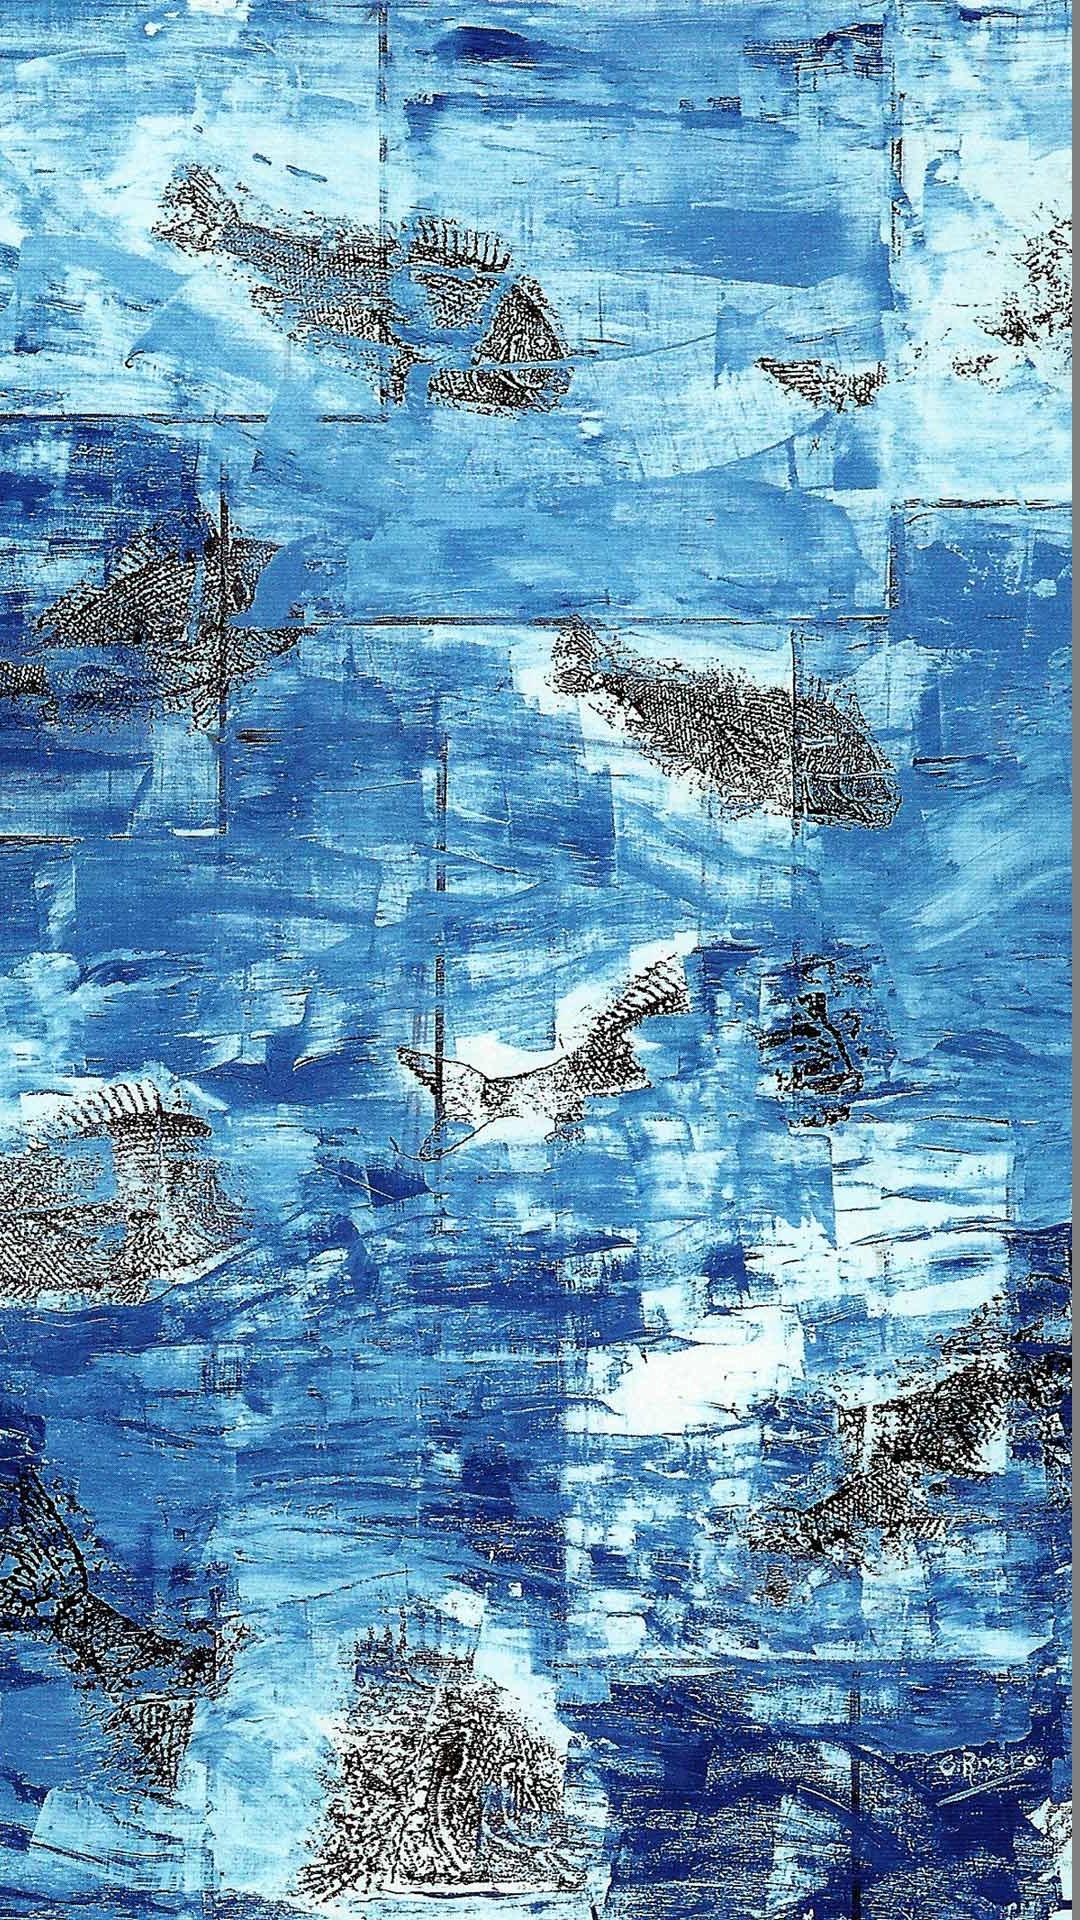 La Pesca (2001) - Conchy Rivero